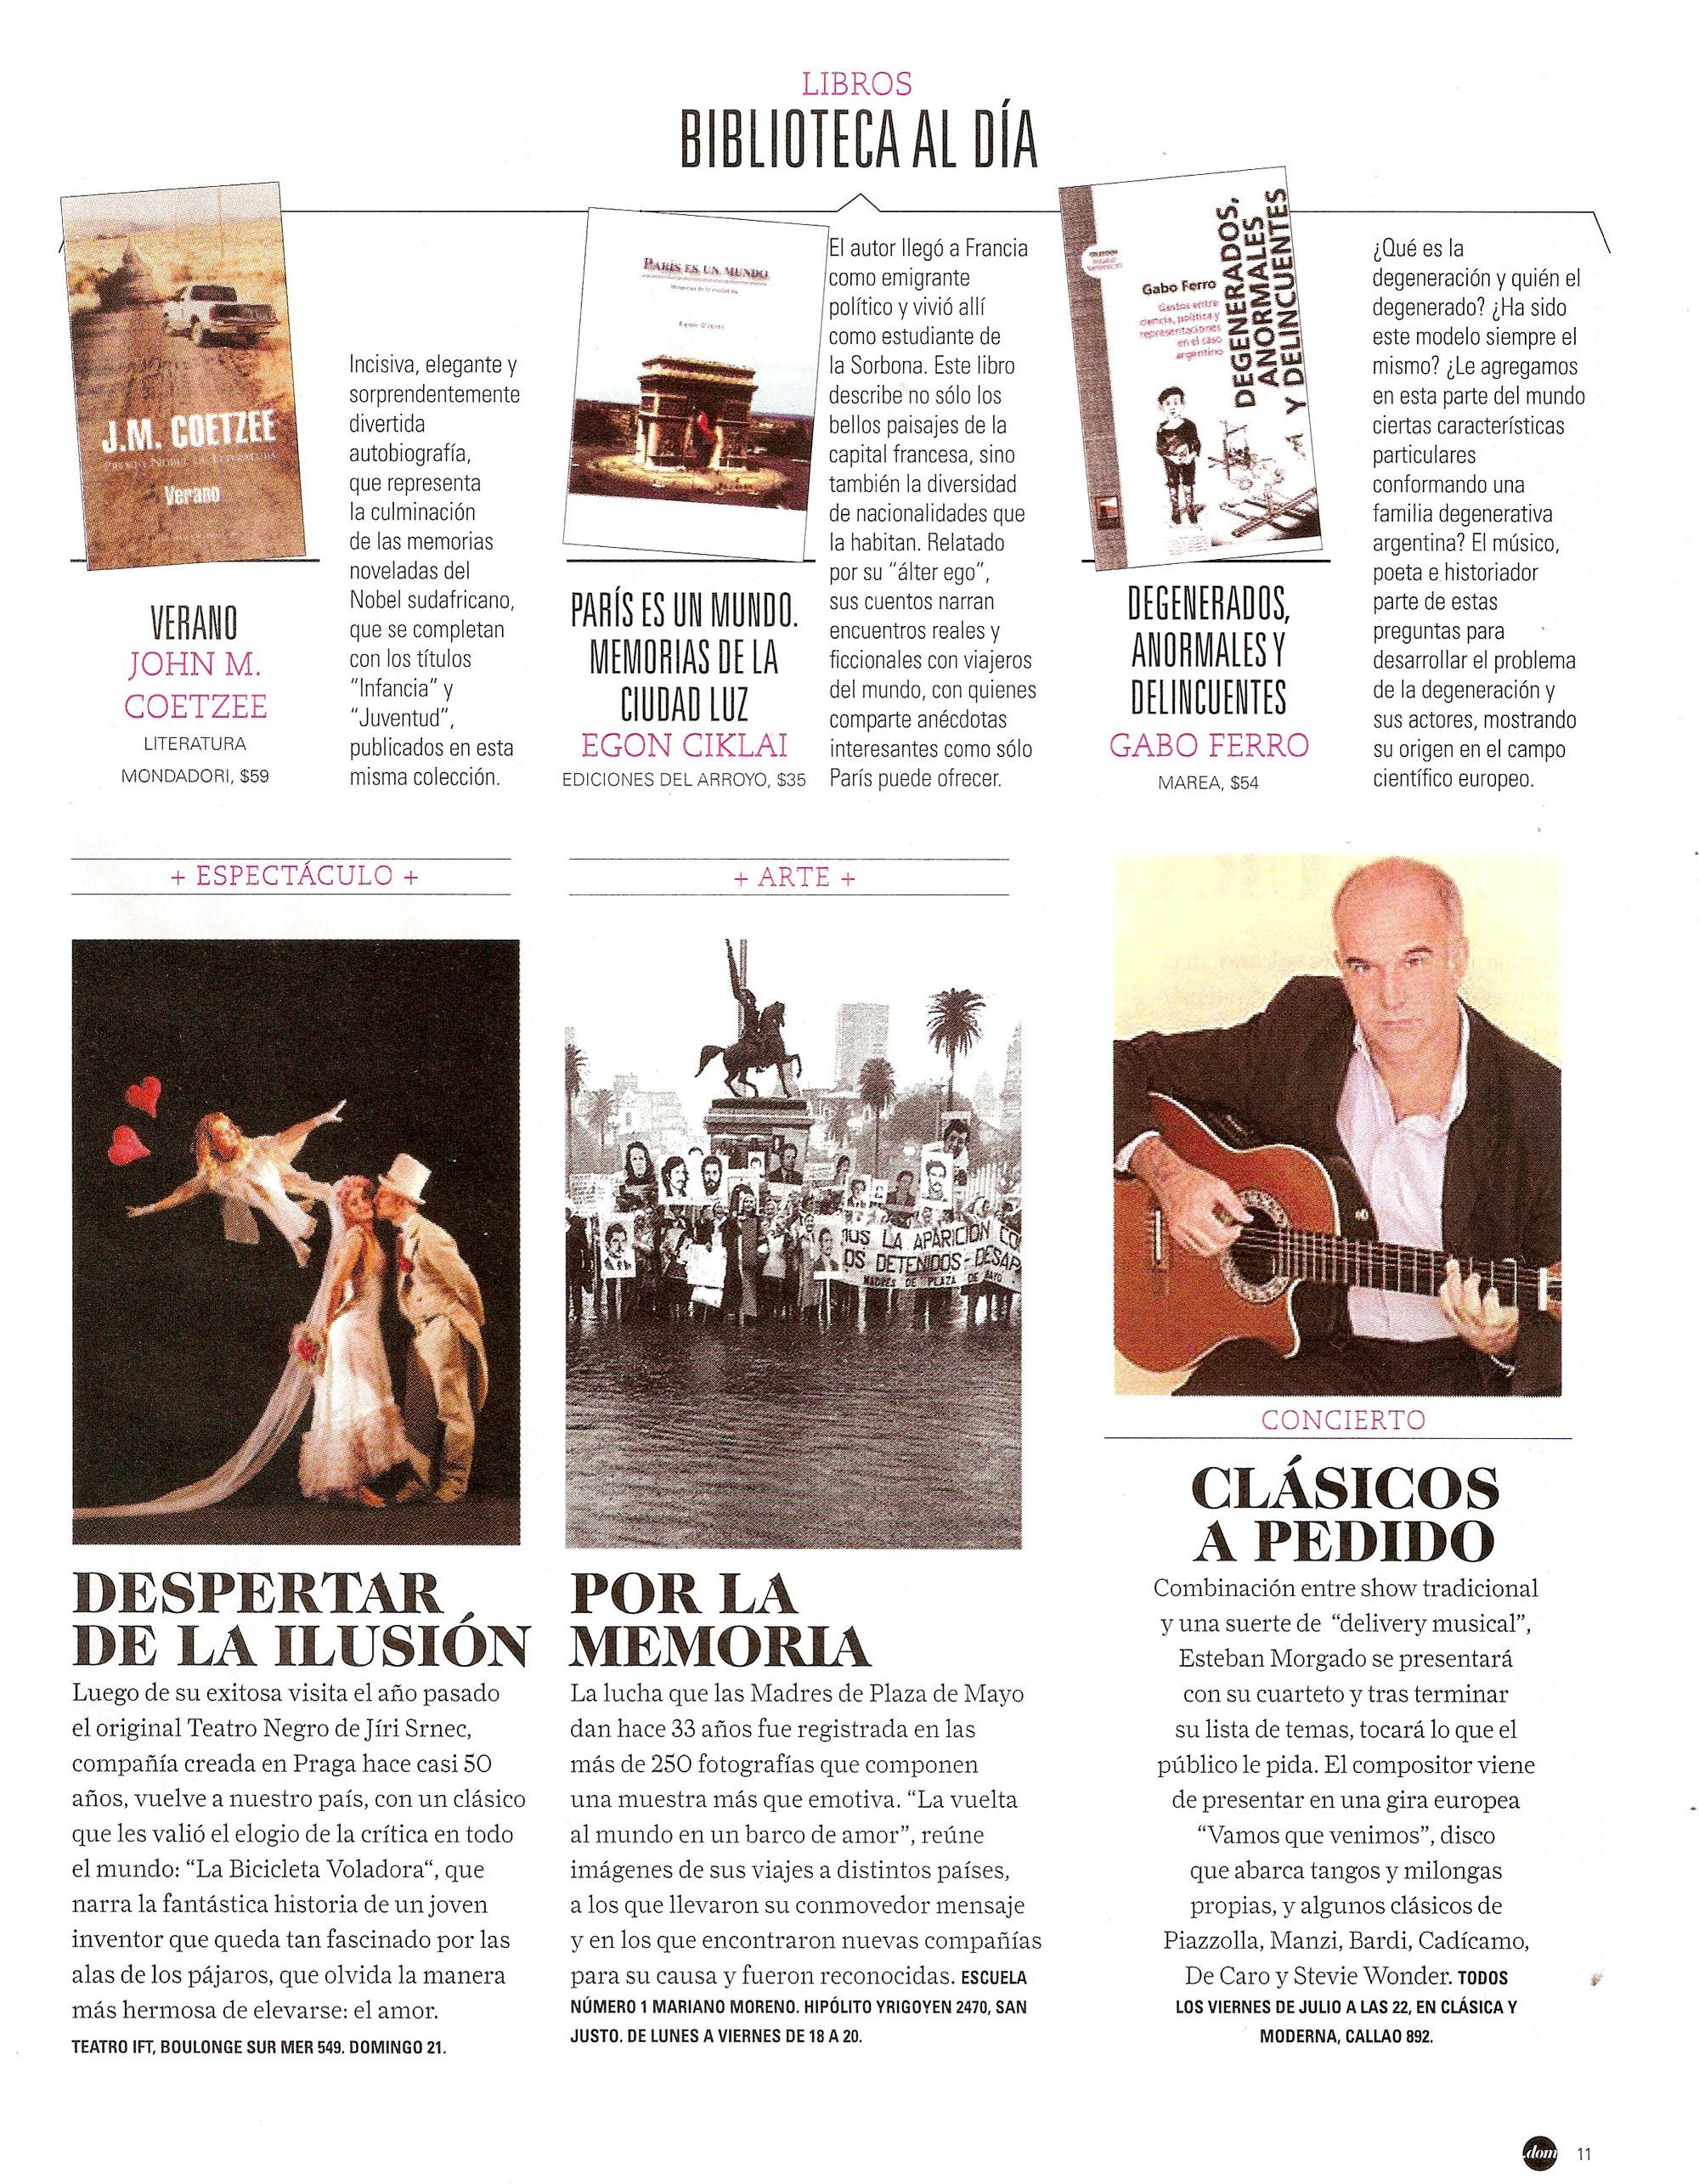 Degenerados anormales y delincuentes revista puntodom for Revistas del espectaculo argentino